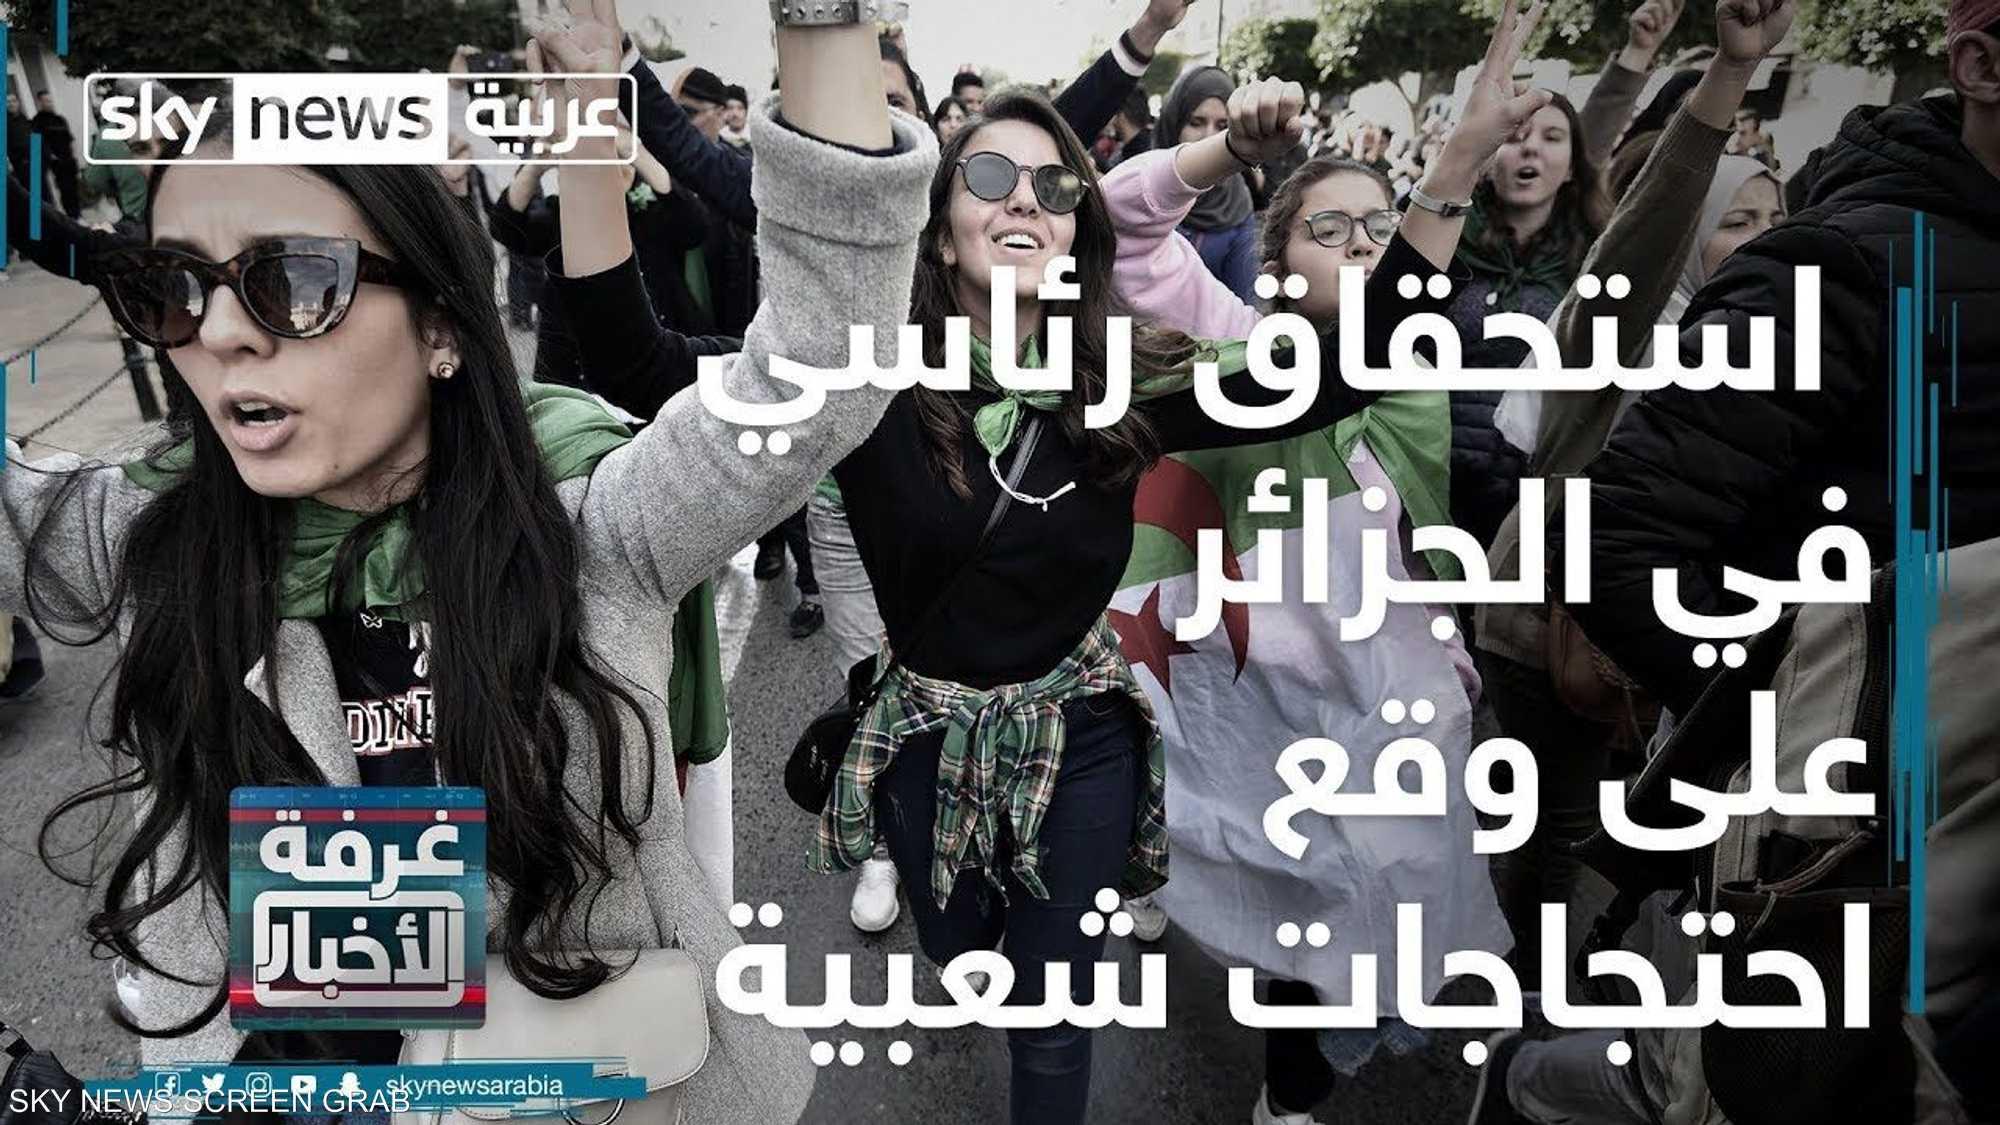 انتخابات الجزائر.. استحقاق رئاسي على وقع احتجاجات شعبية